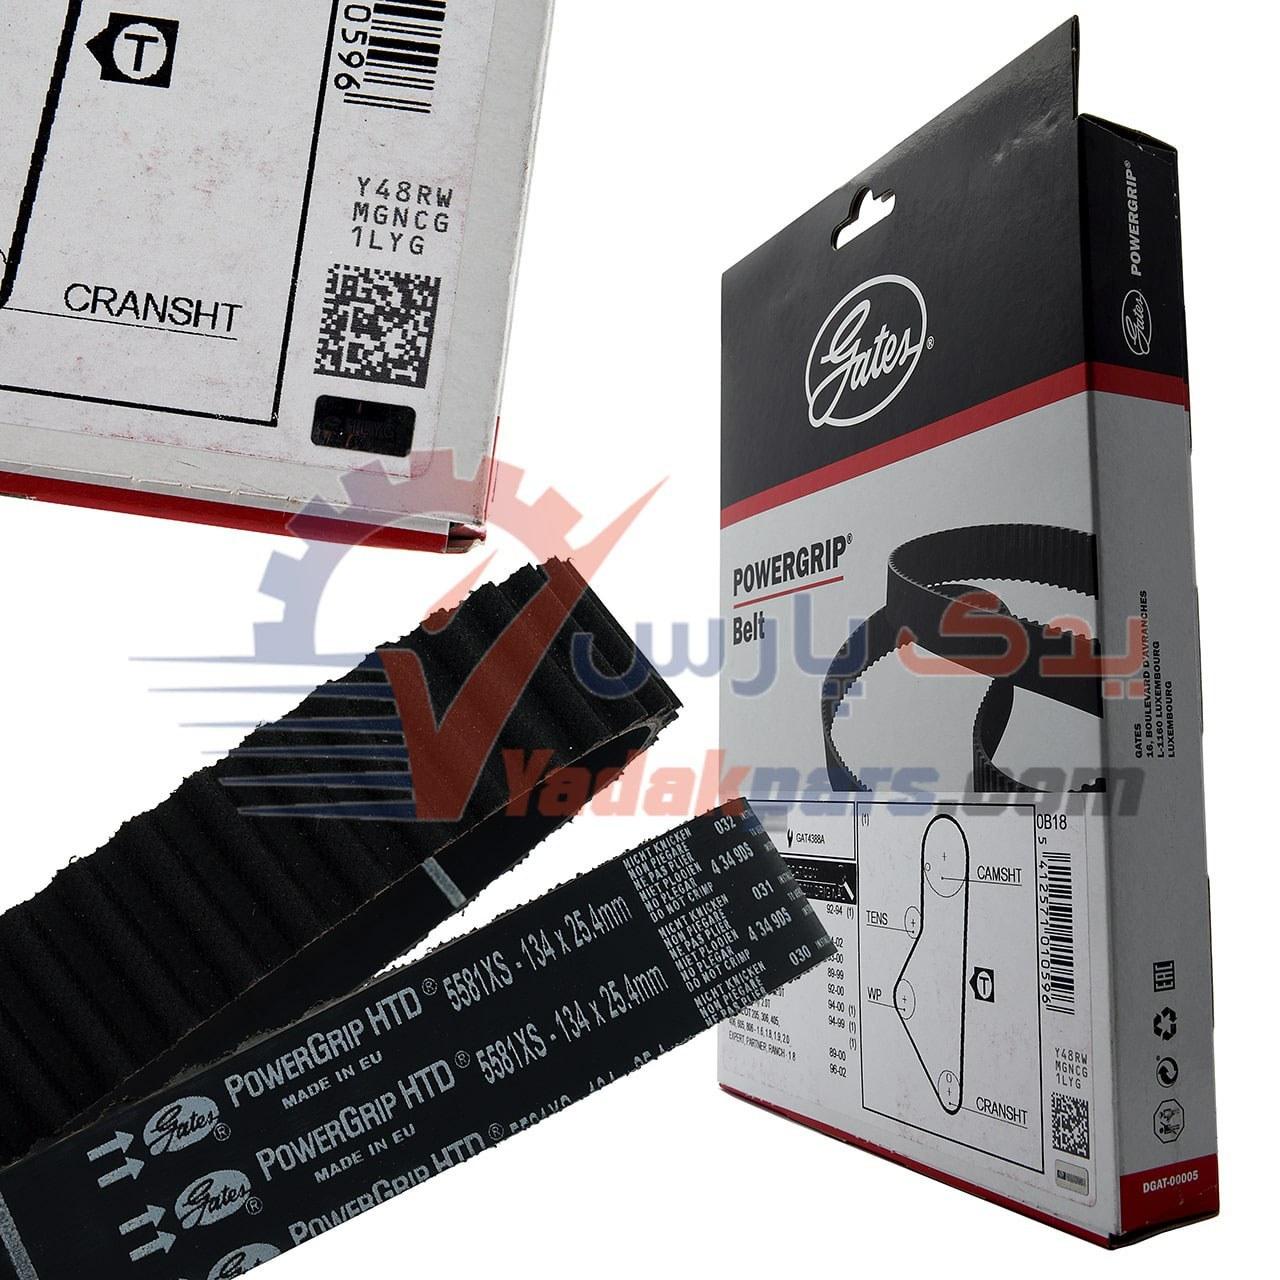 تصویر تسمه تایم پژو۲۰۶تیپ۵و۶/پژو۲۰۷/رانا/۴۰۵SLX برند پاورگریپ (اصلی) GATES Power Grip Timing Belt 5581XS Citroen & Peugeot Made in EU